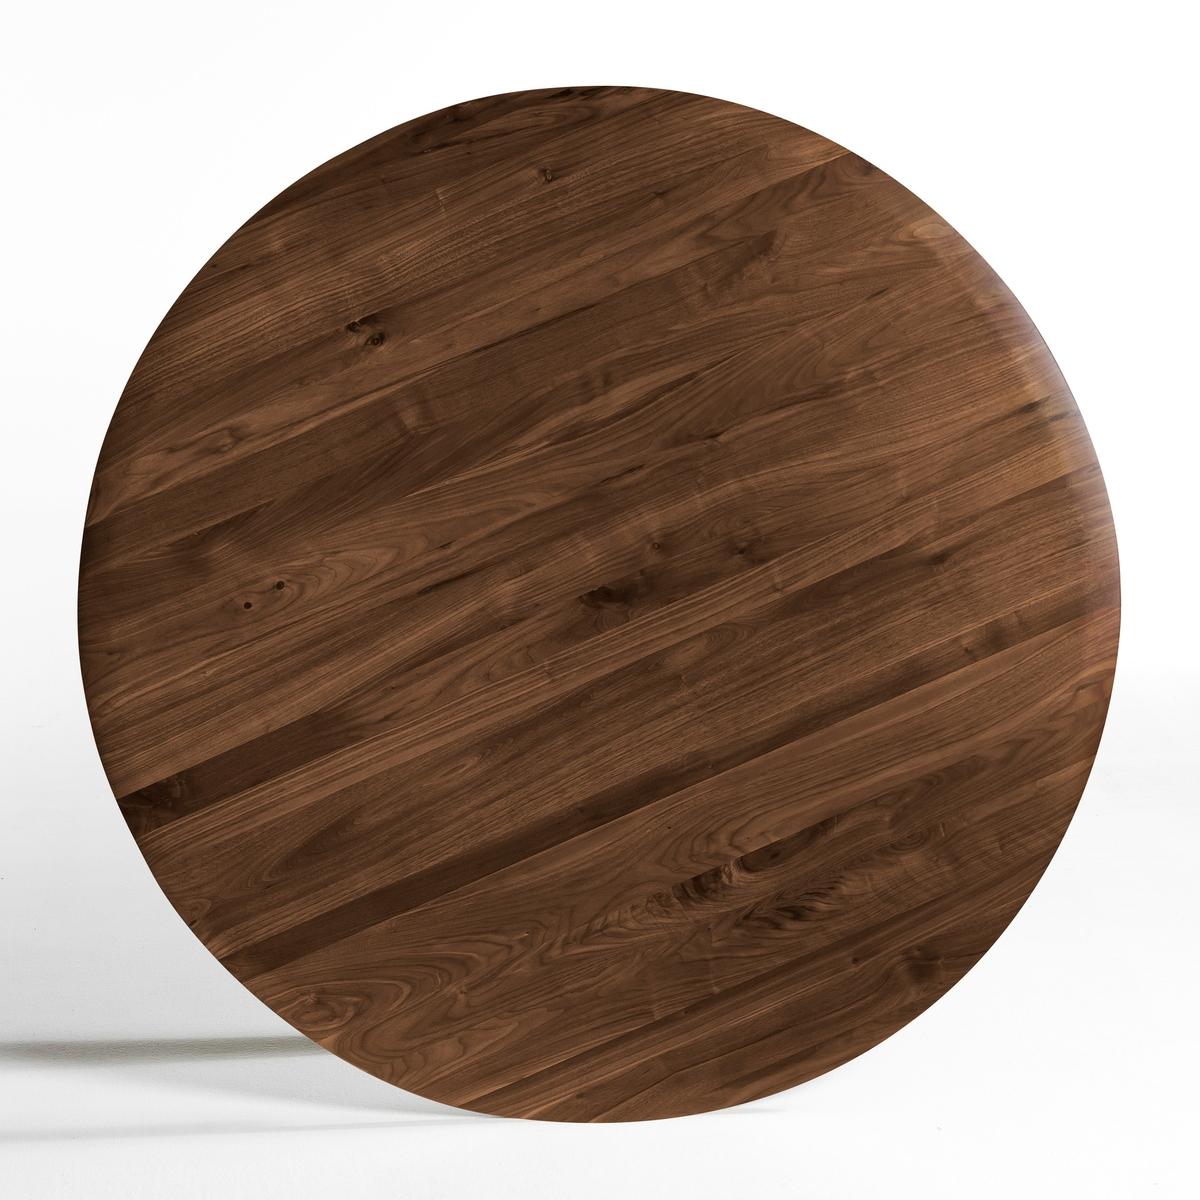 Столешница из массива орехового дерева, ?120 см, HisiaСтолешница из массива орехового дерева Hisia. Столешница, сочетается с металлической ножкой в форме тюльпана Hisia, представленной на нашем сайте.Характеристики:- Столешница из массива орехового дерева с отделкой полиуретановым лаком.Размеры:- ?120 см, толщина 2 смРазмеры и вес упаковки:Ш.127 x В.9 x Г.127 см, 23 кг<br><br>Цвет: ореховый